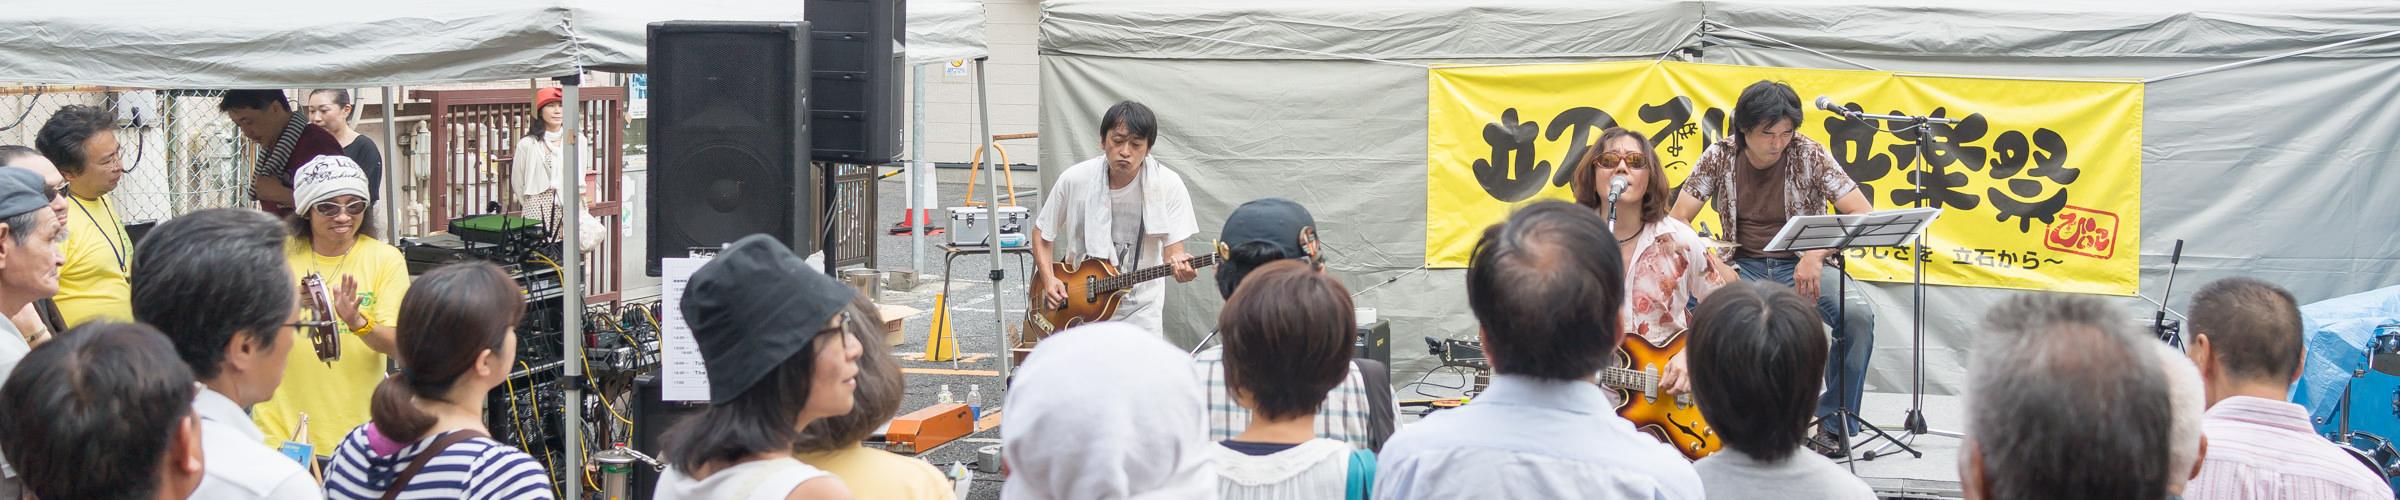 立石ぴいこ音楽祭